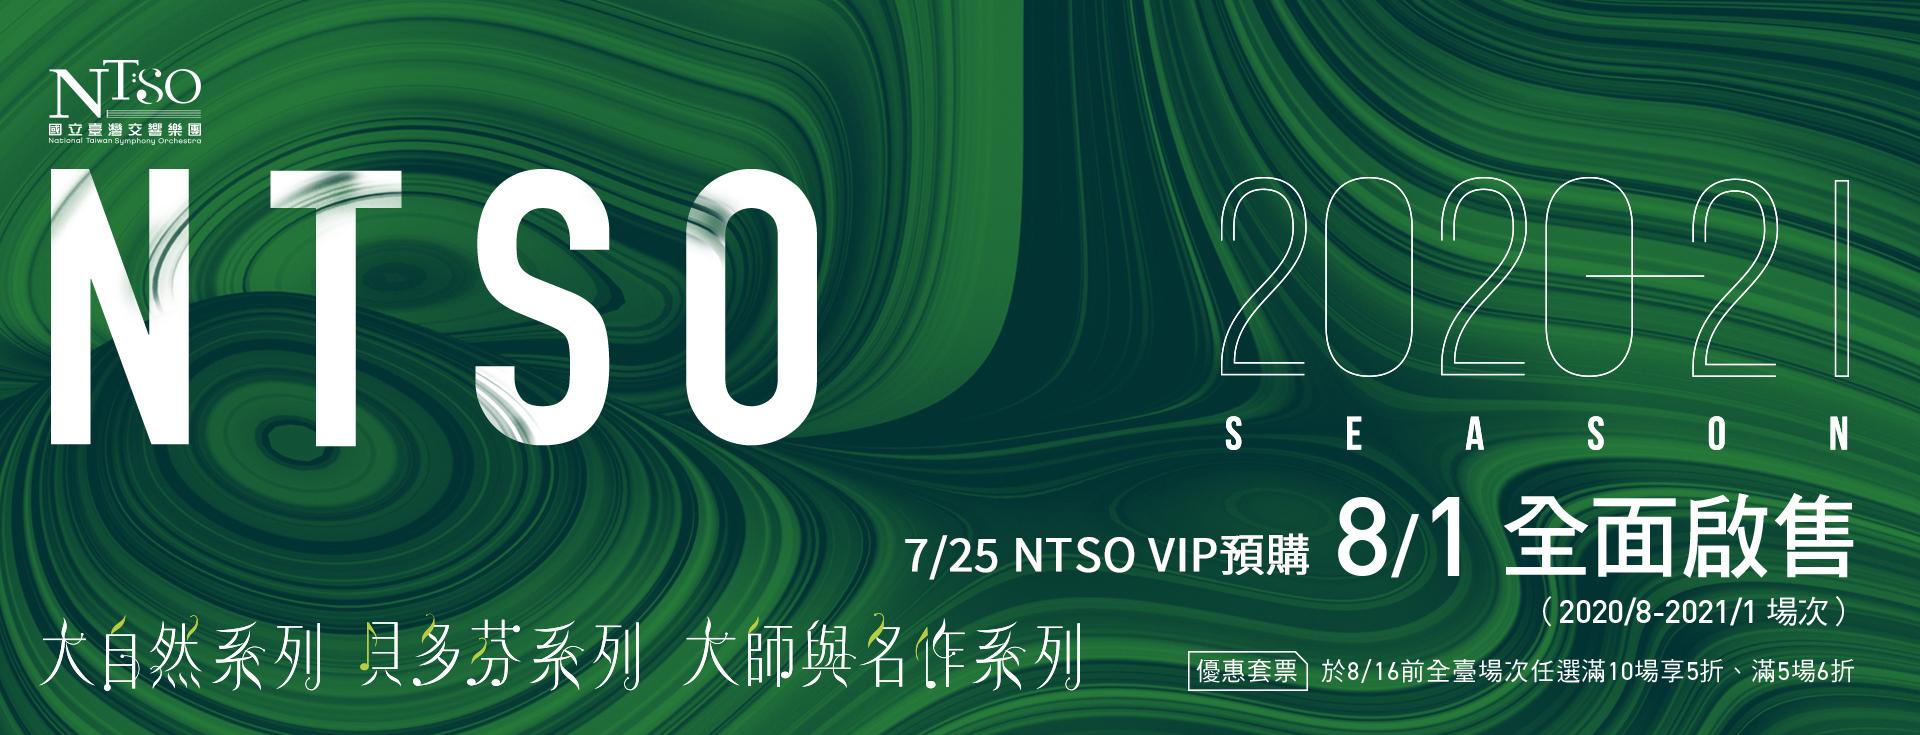 NTSO 2020/21樂季總覽